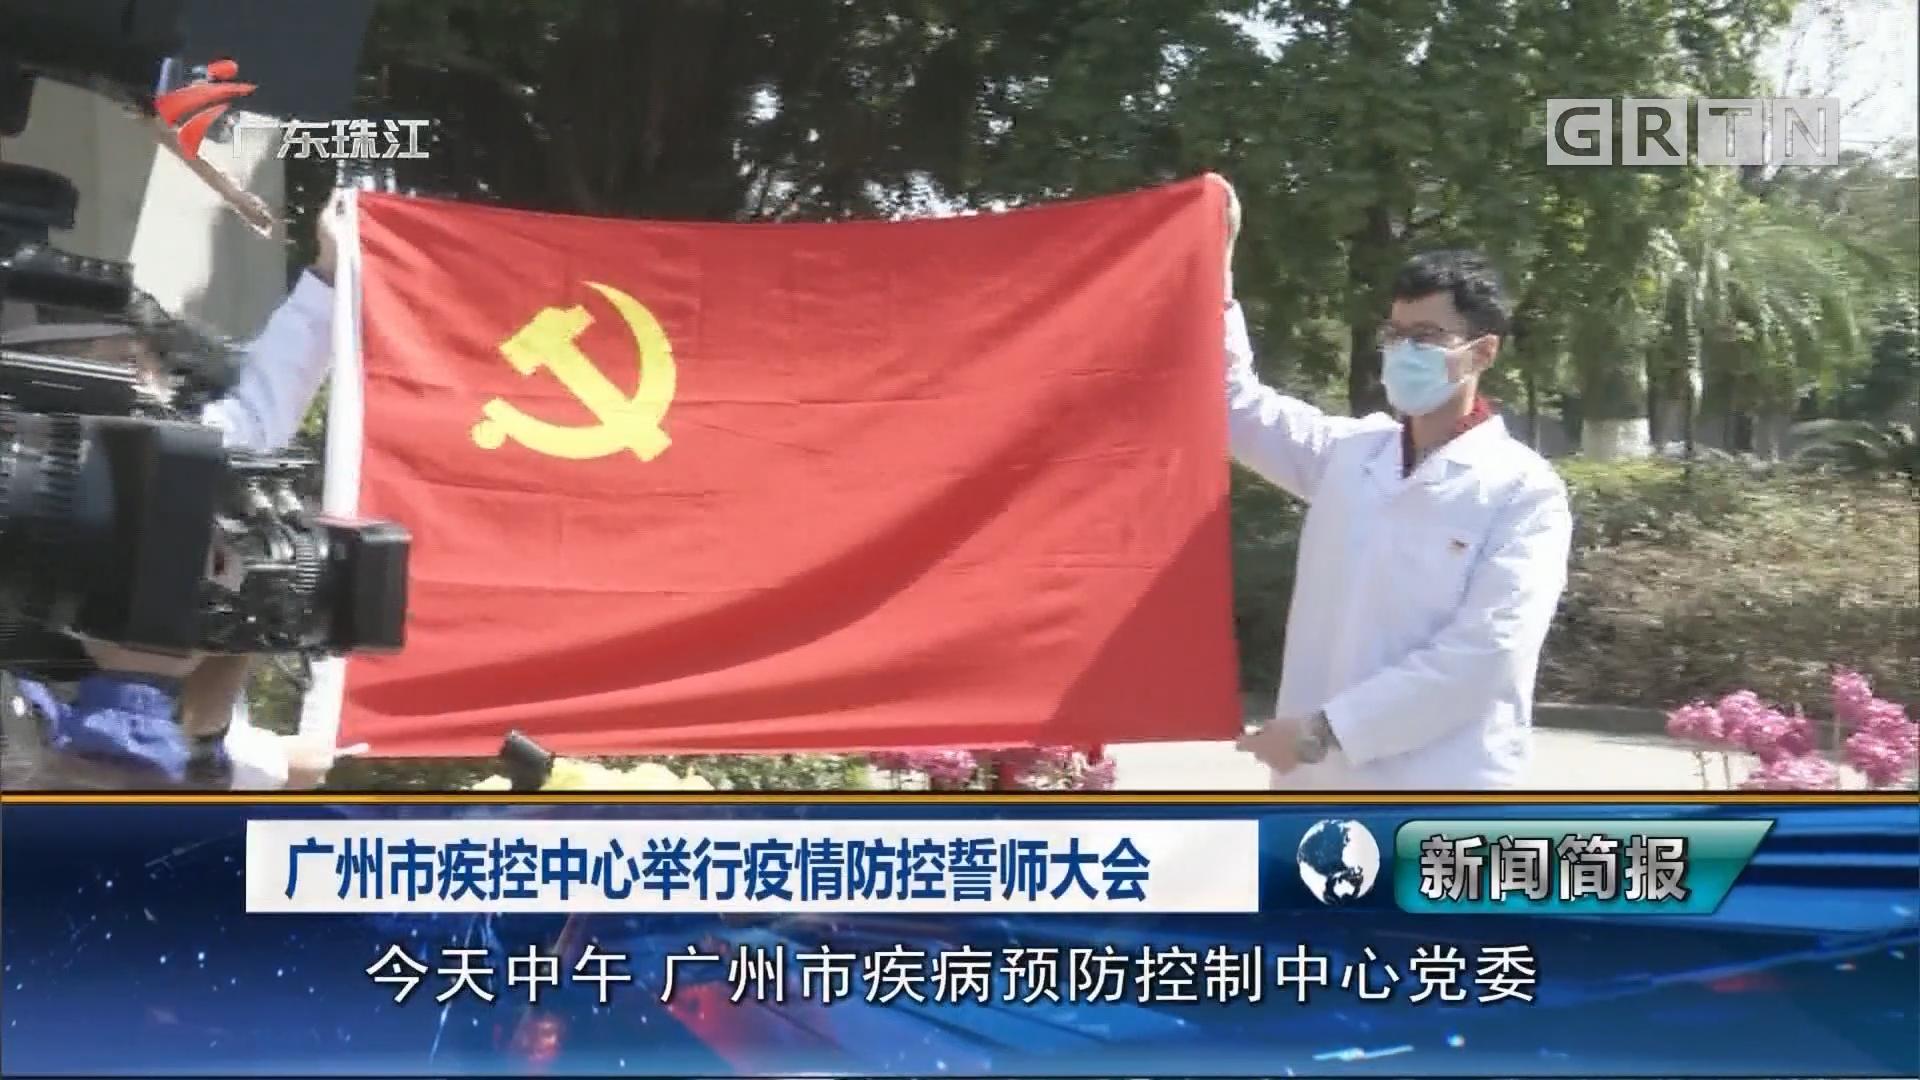 广州市疾控中心举行疫情防控誓师大会